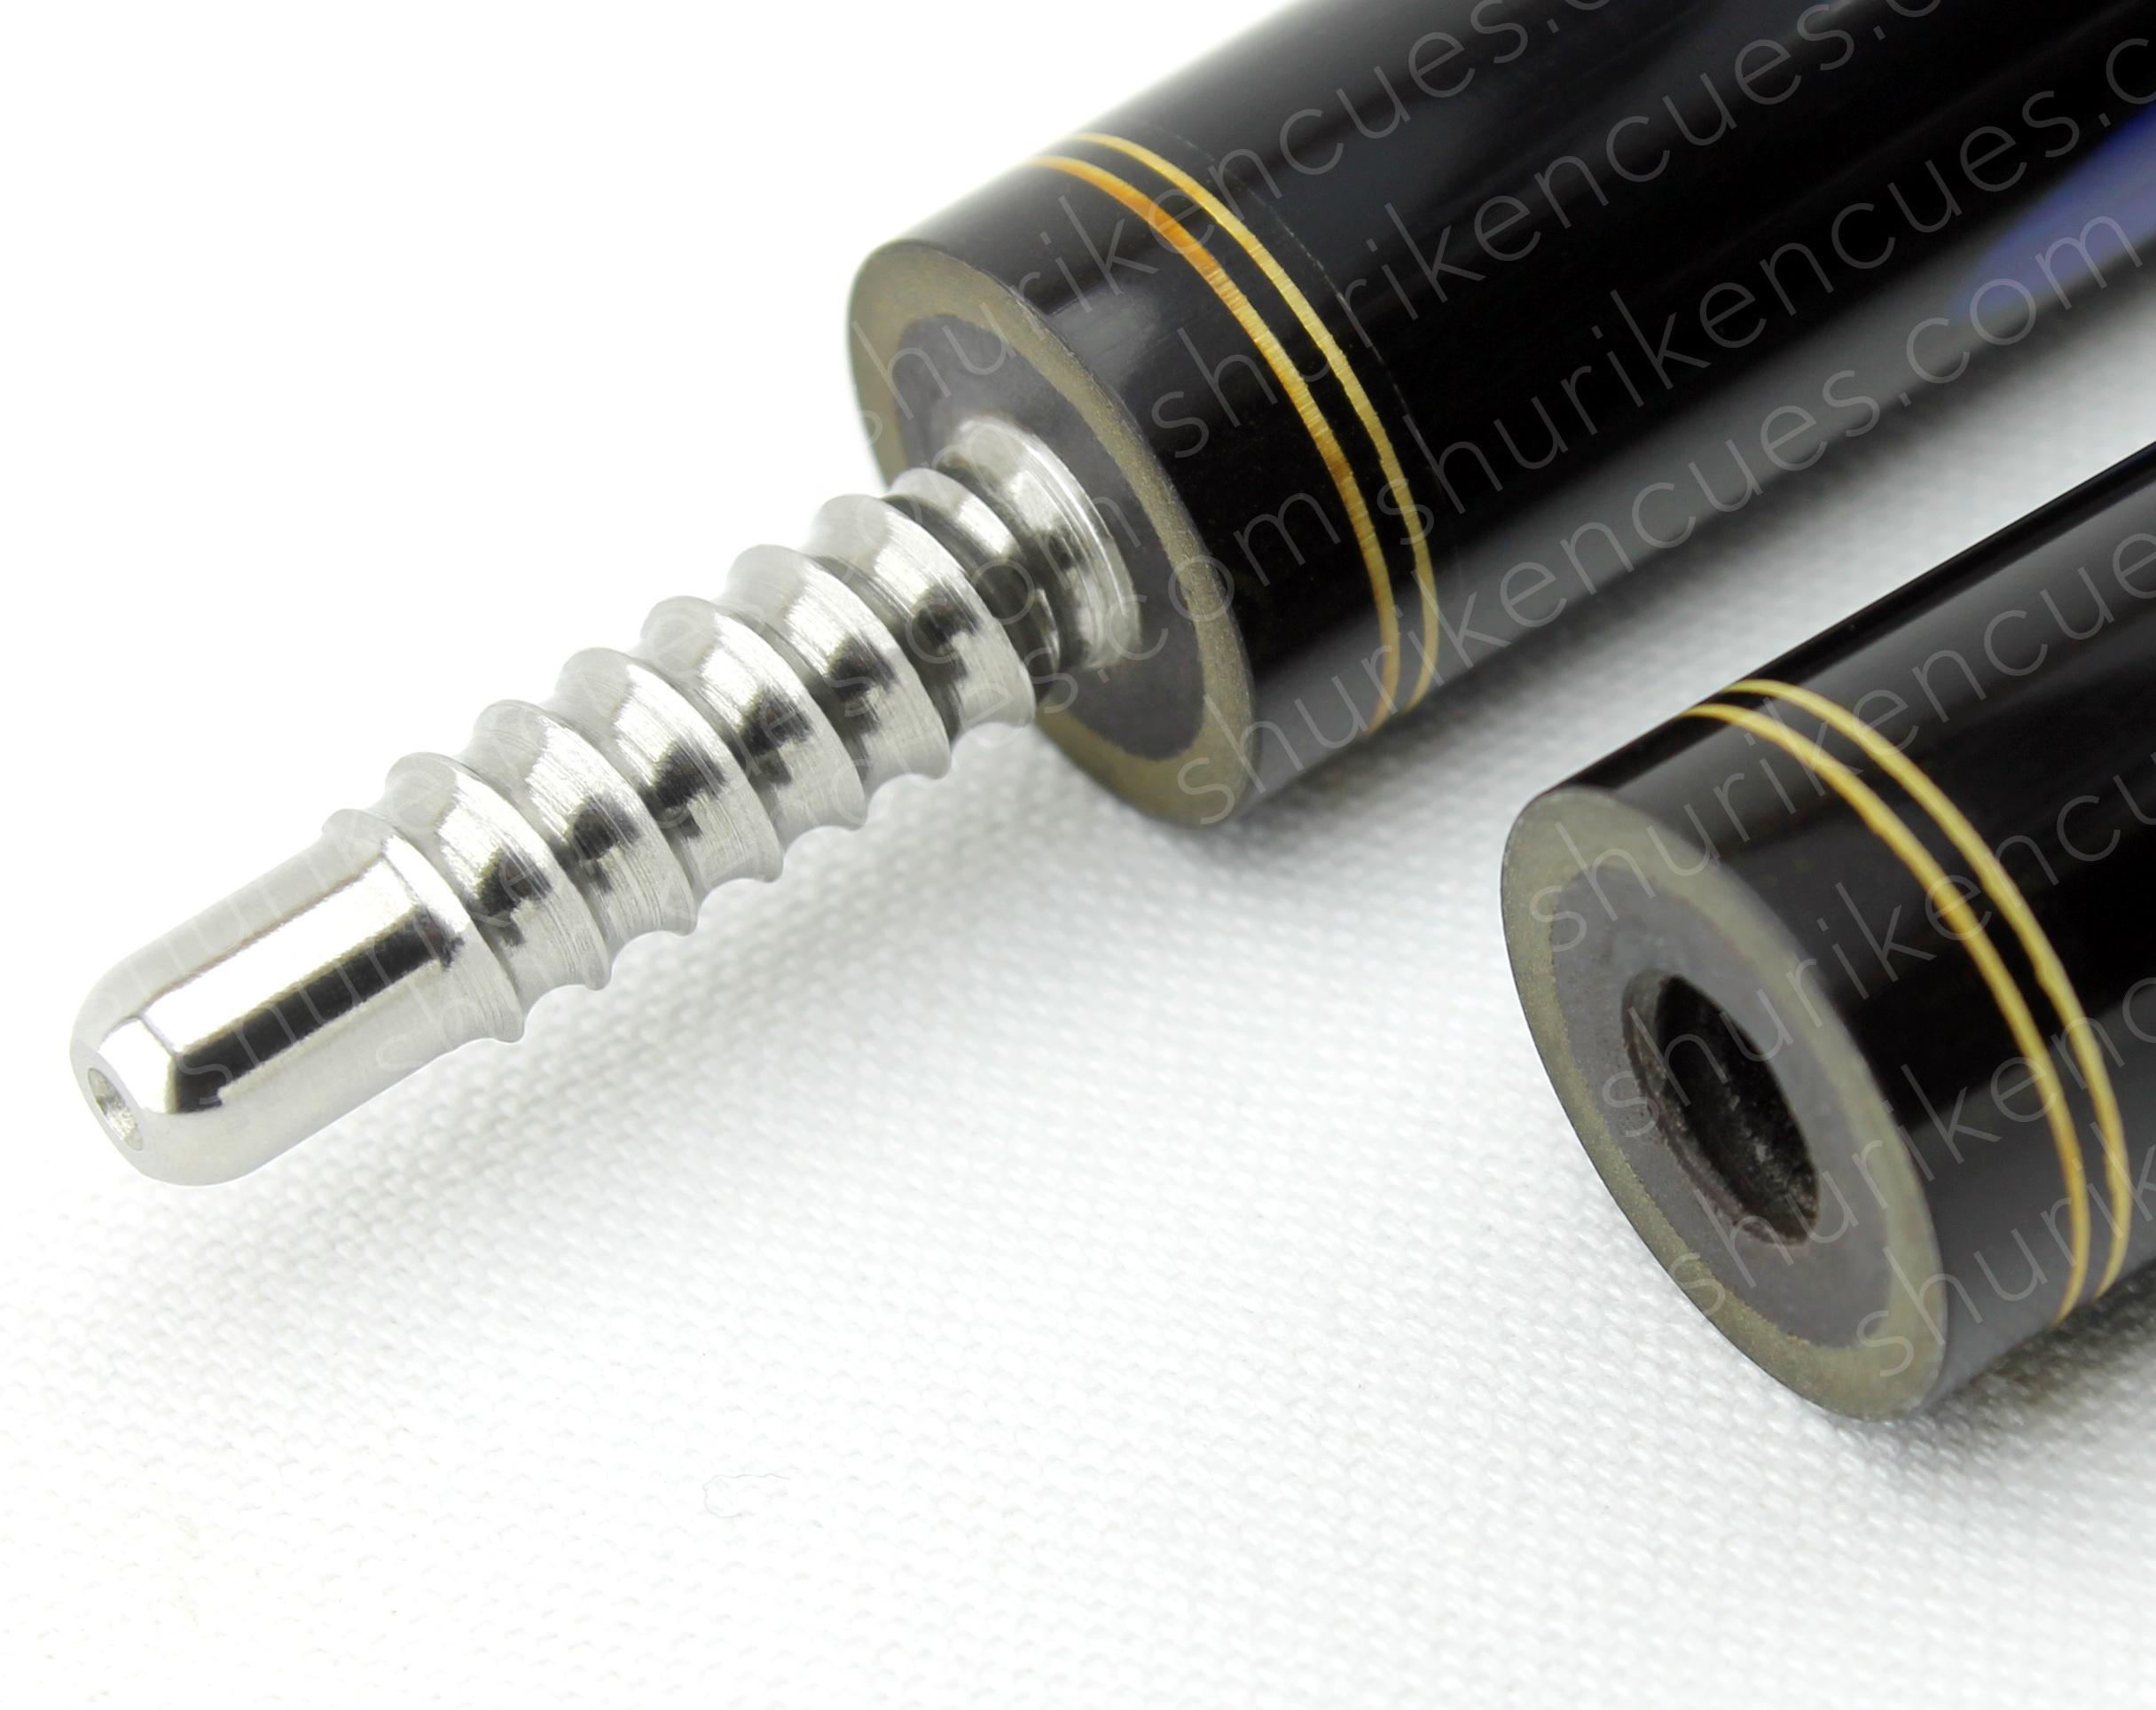 radial-pin-in-fullsplice-cue radialpin radial fullsplice